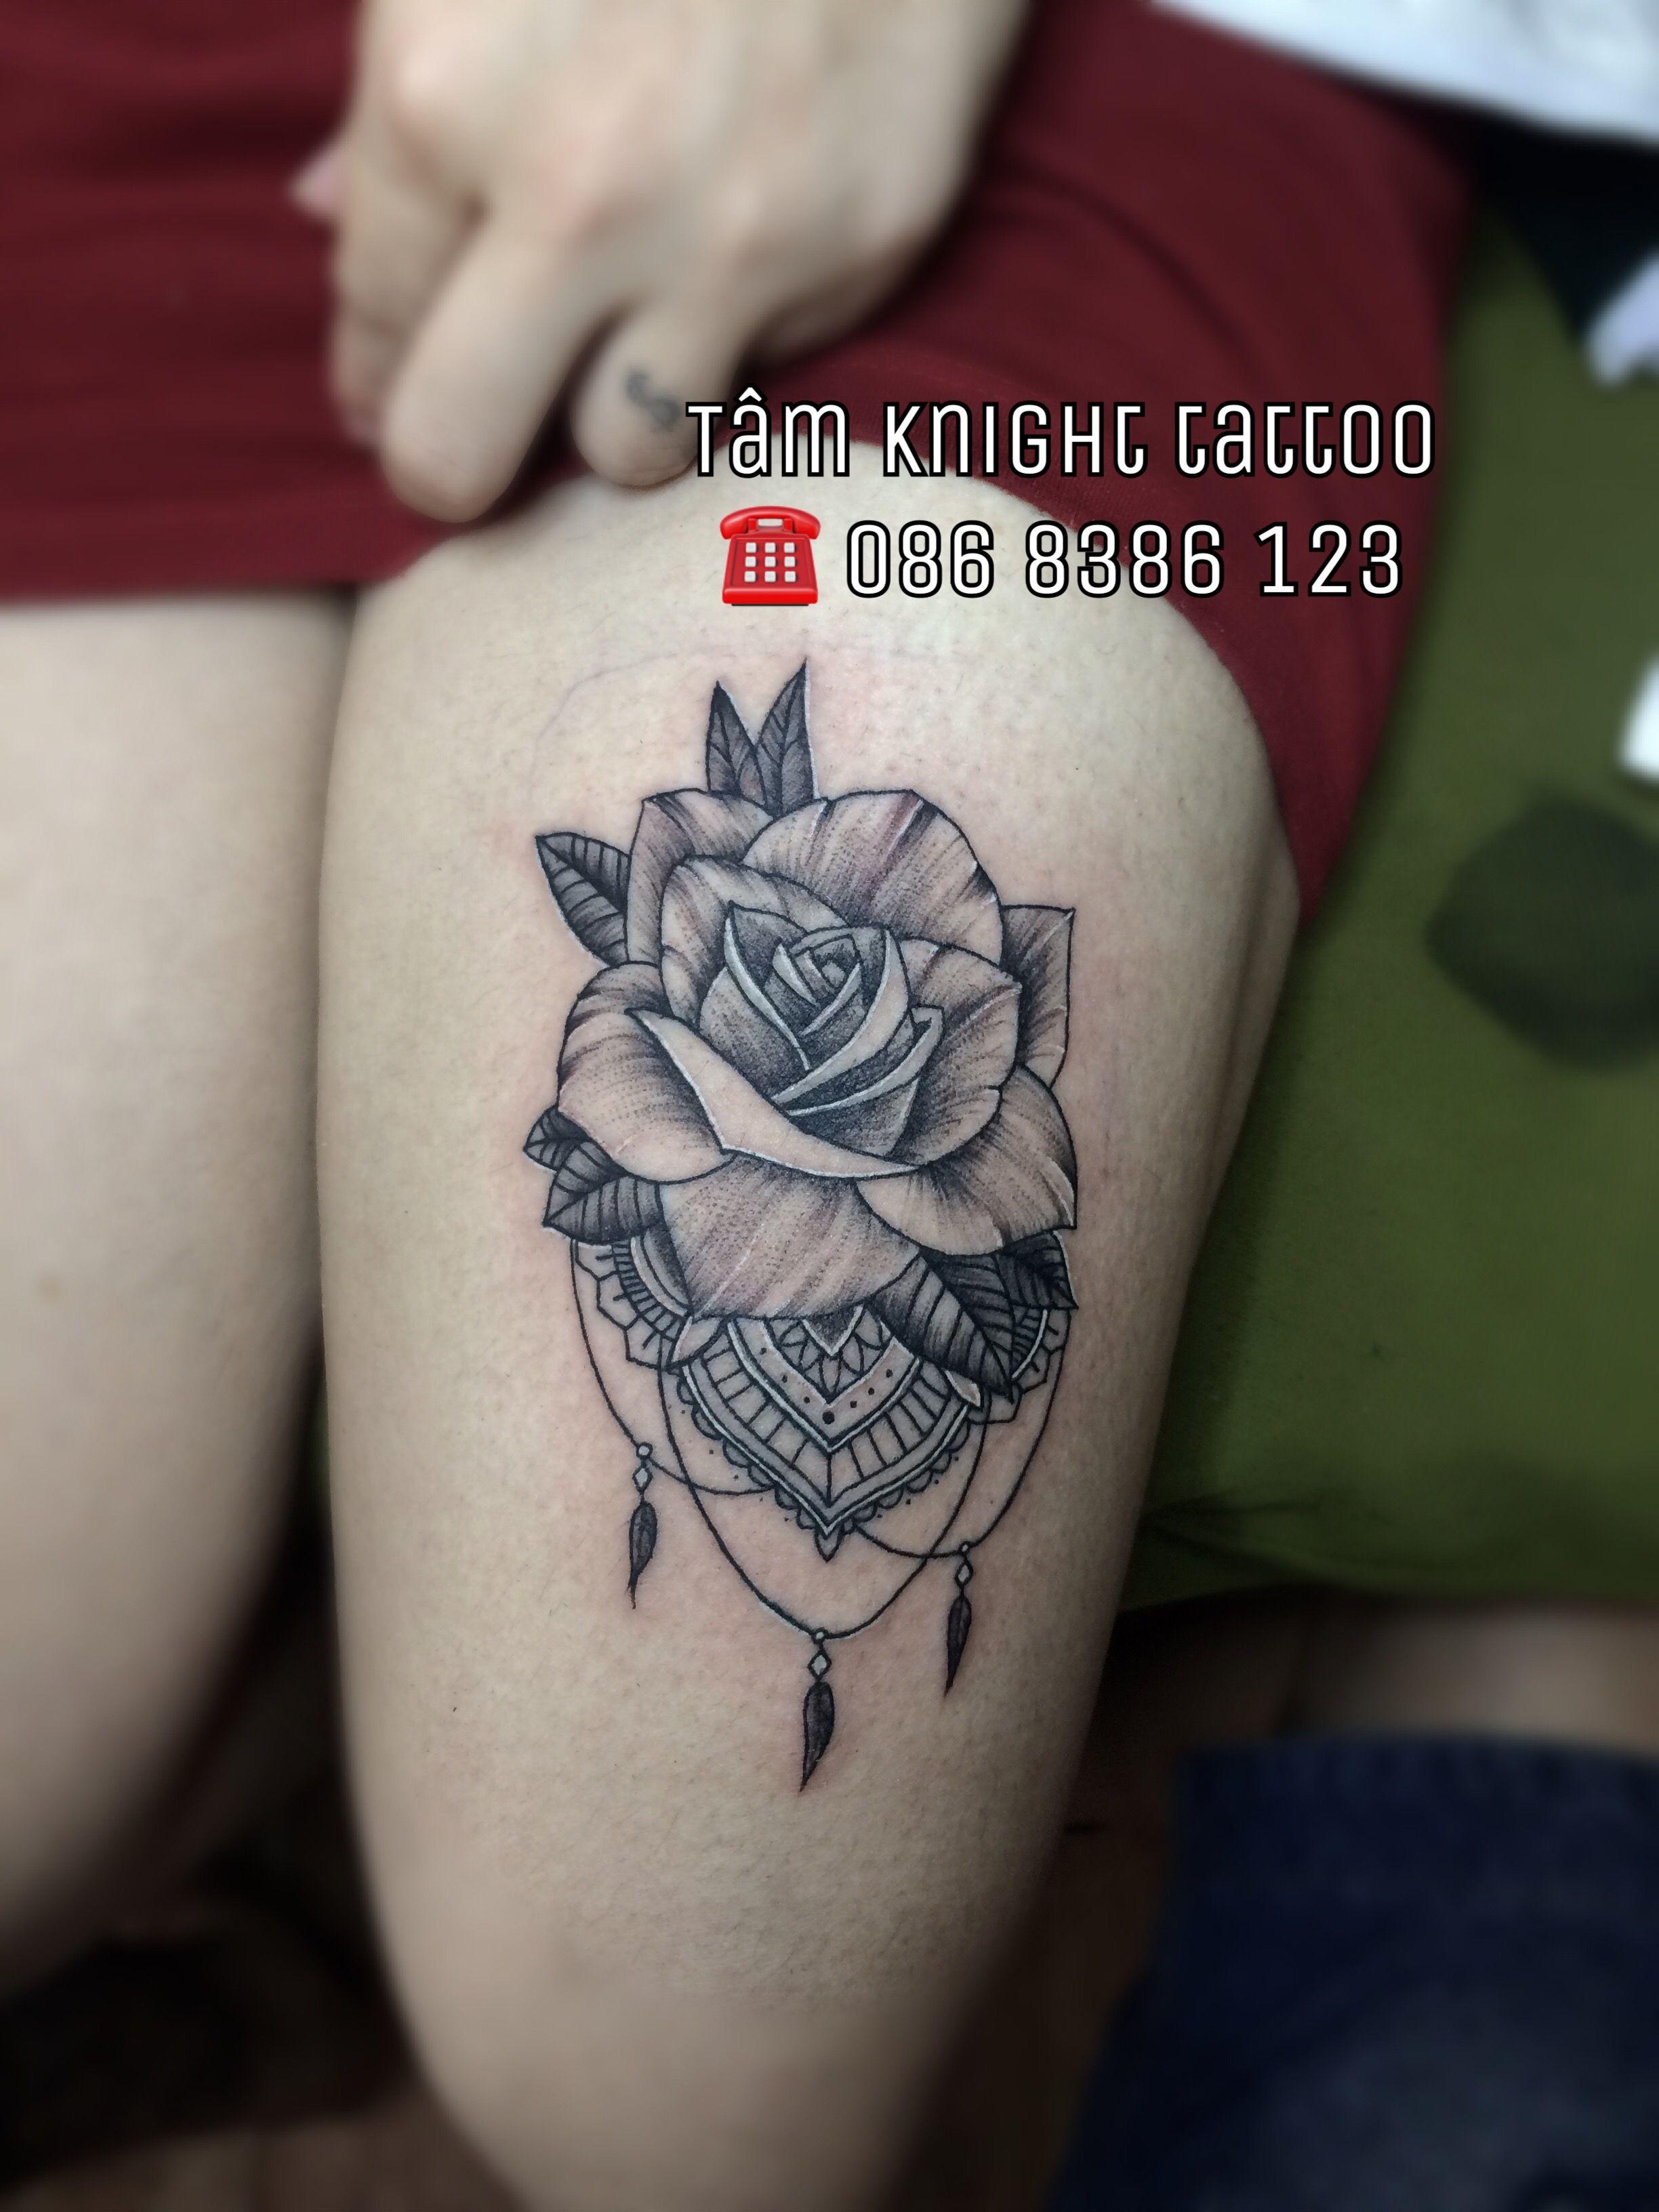 Hình xăm hoa hồng, hình xăm hoa ở đùi đẹp, hình xăm hoa văn , hình xăm hoa hồng đen trắng, hình xăm đẹp cho nữ, hình xăm tỉa hoa đẹp